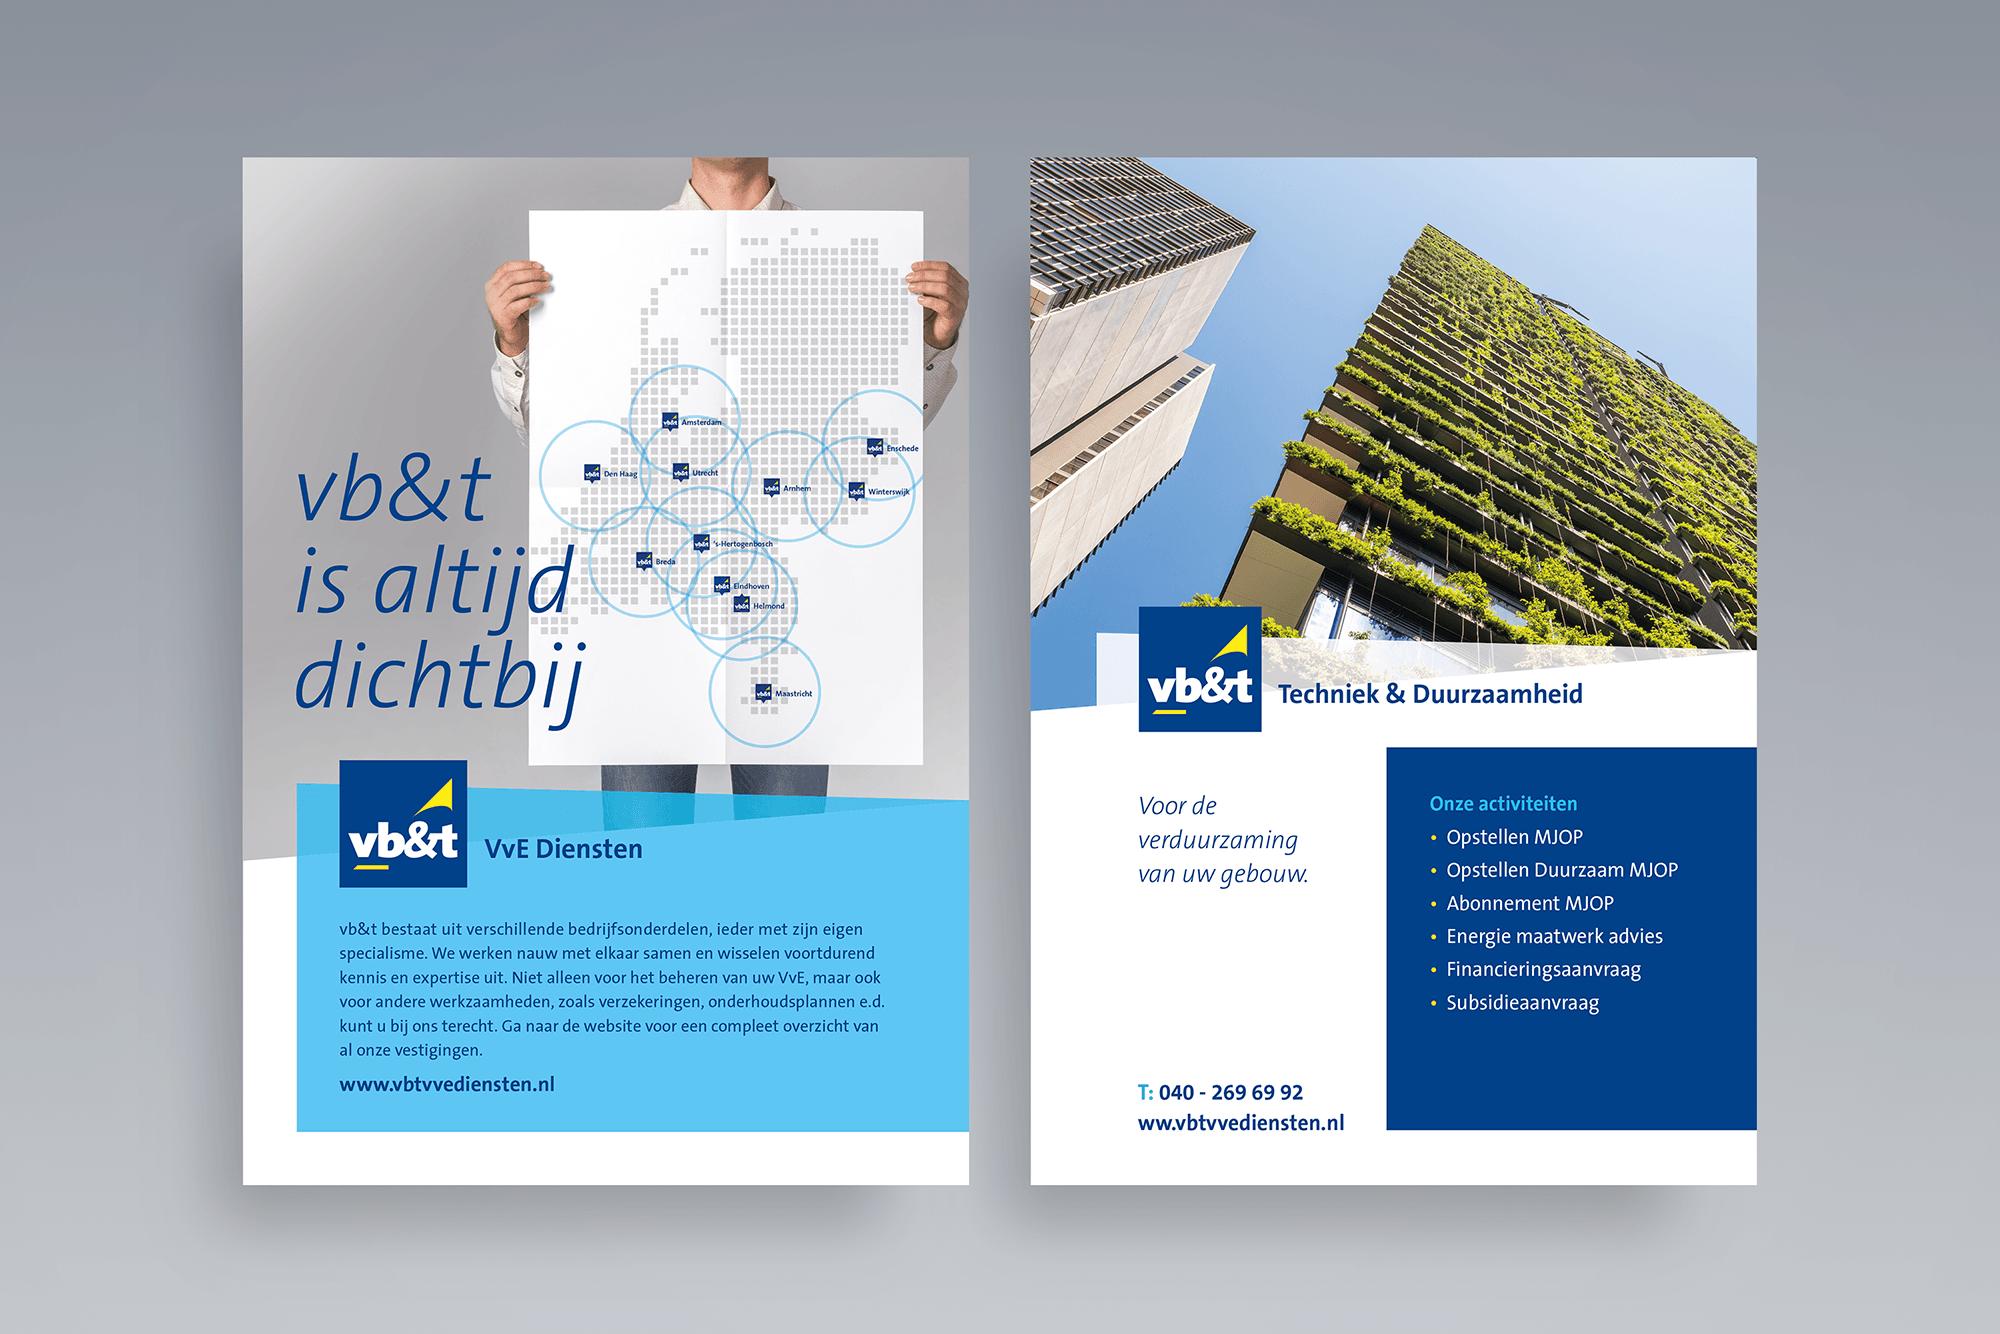 Flyer vb&t VvE Diensten - Techniek & Duurzaamheid